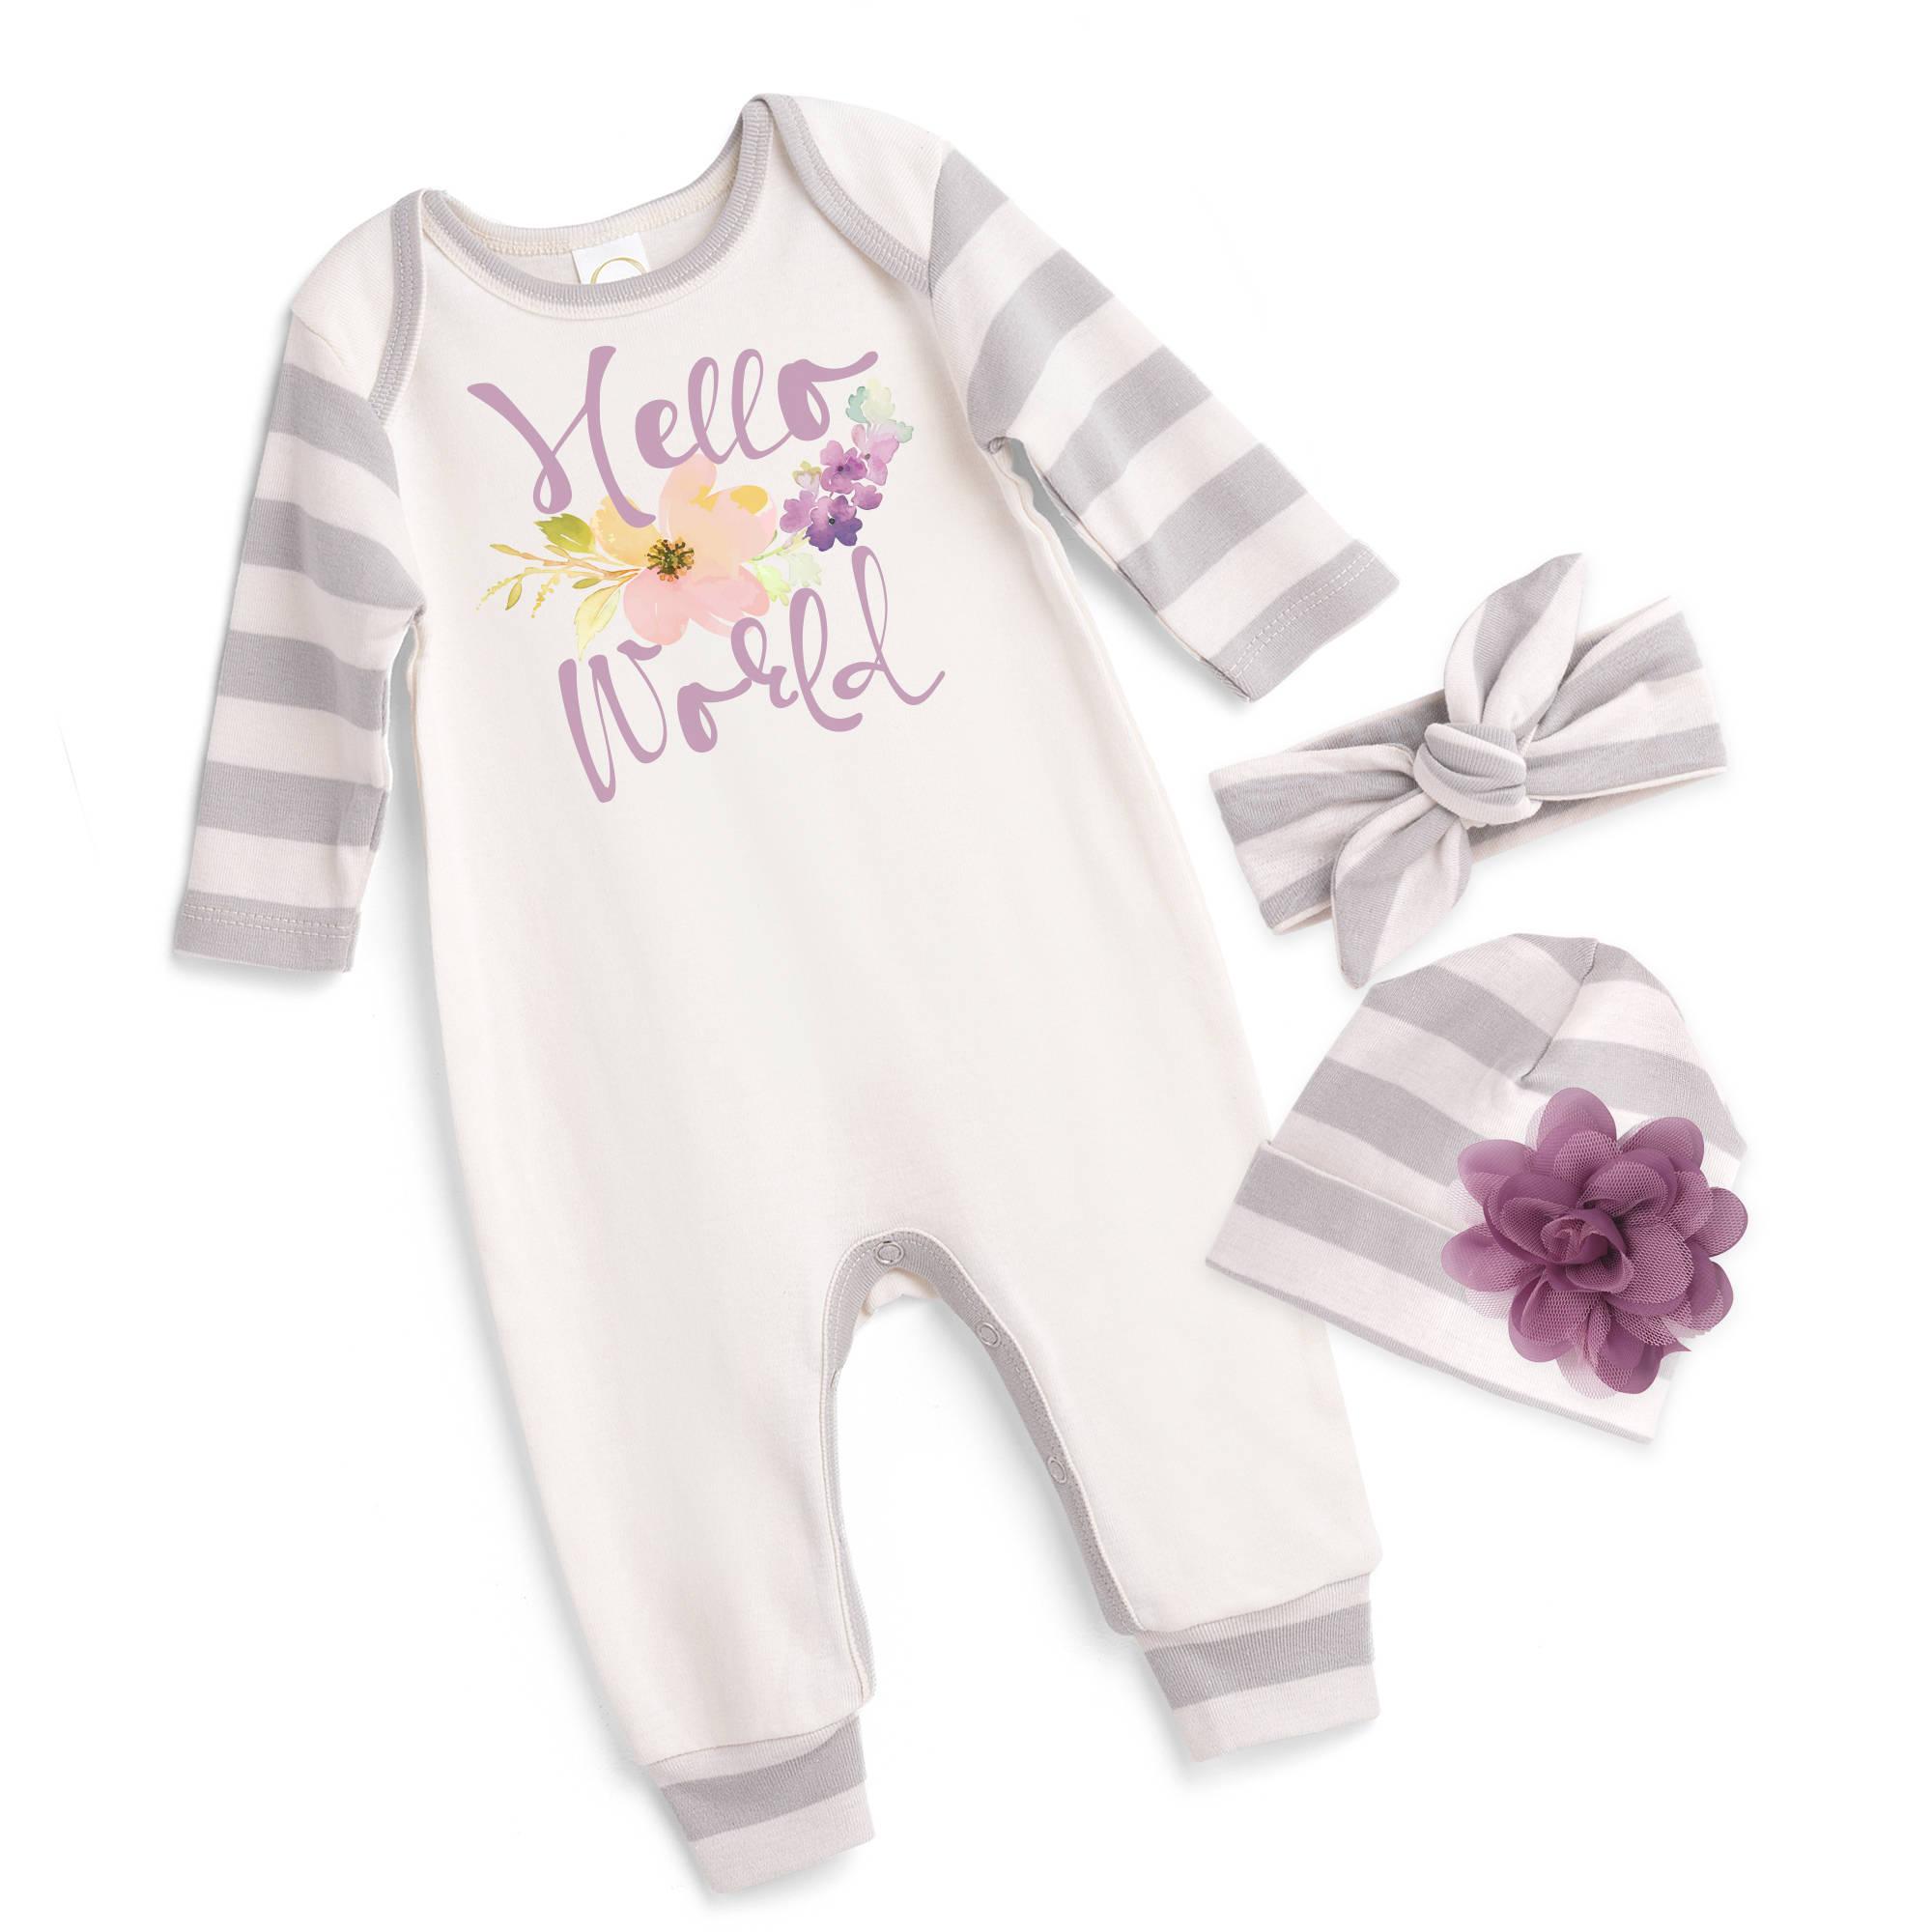 Infant Wear Annabelles Linens